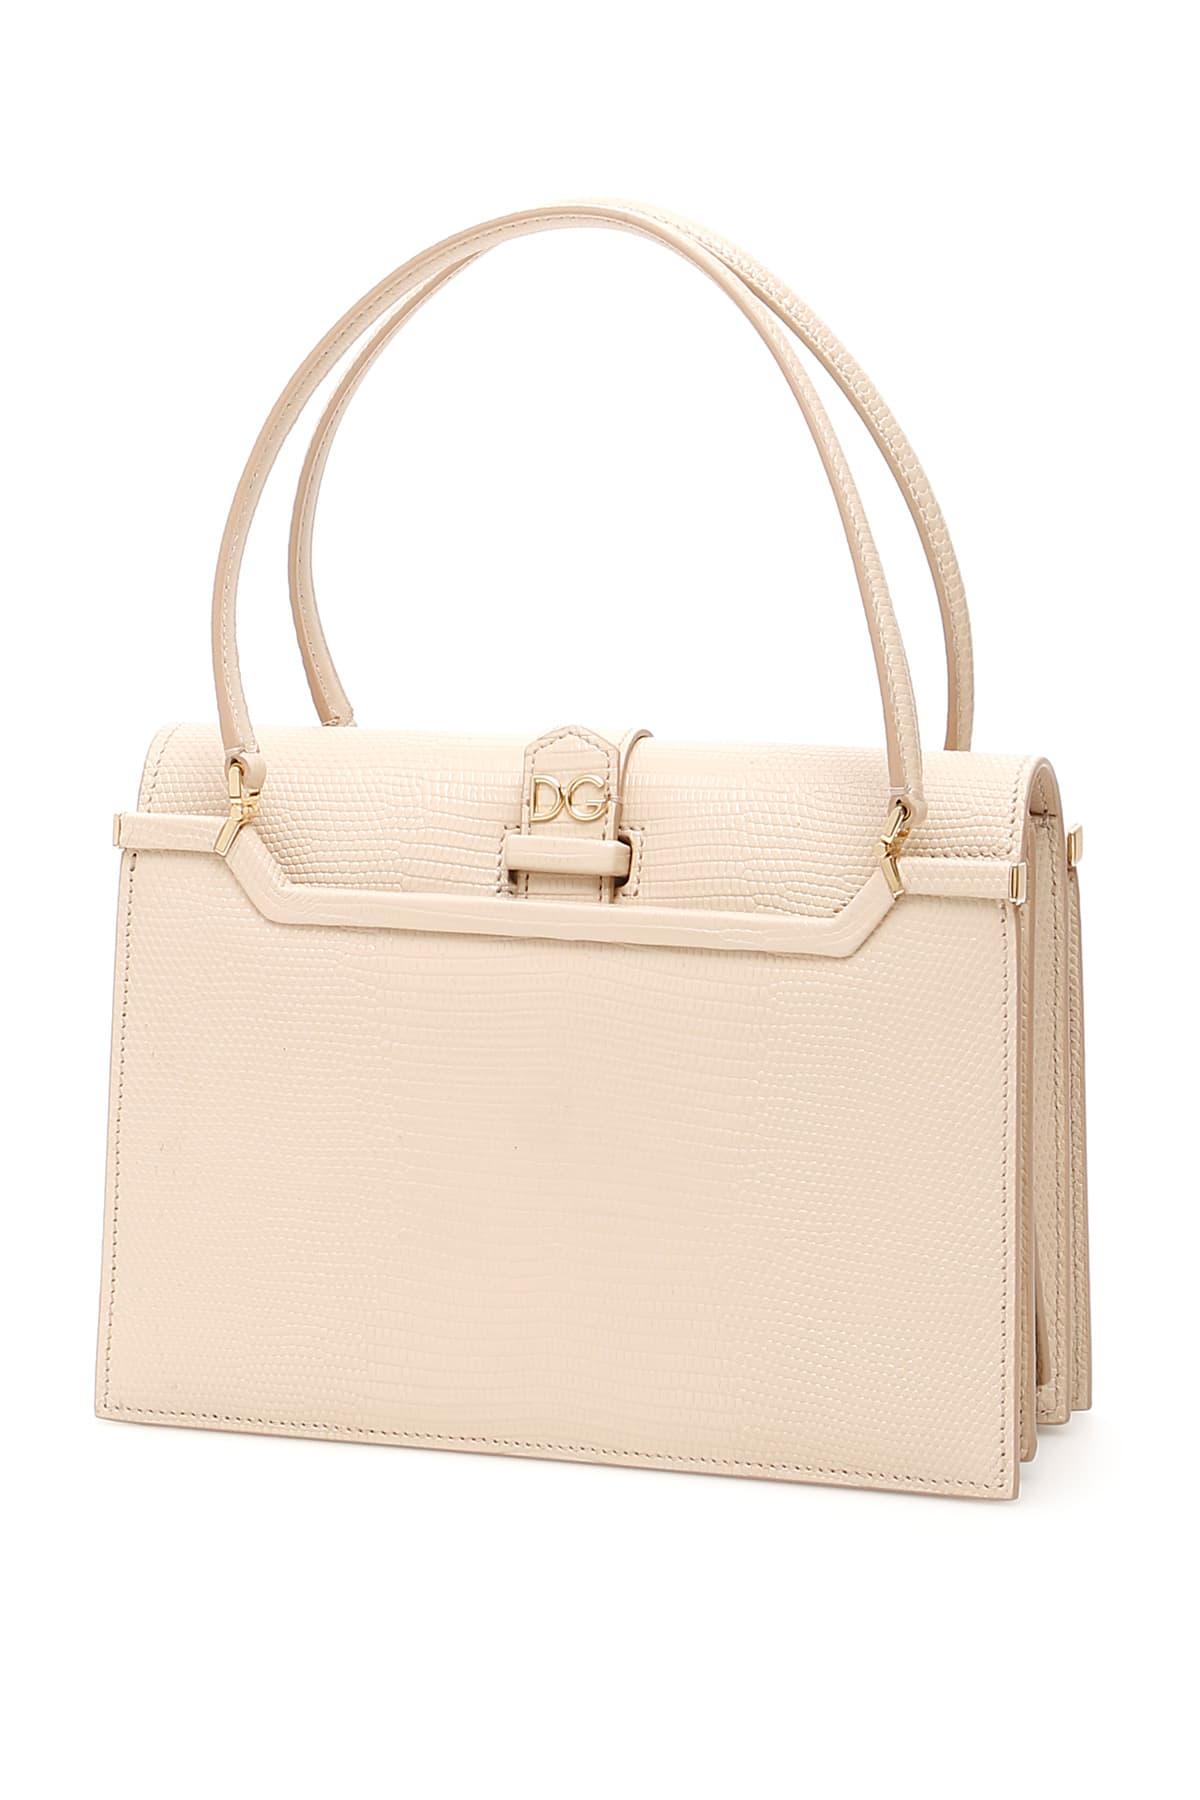 Dolce & Gabbana Small Ingrid Bag